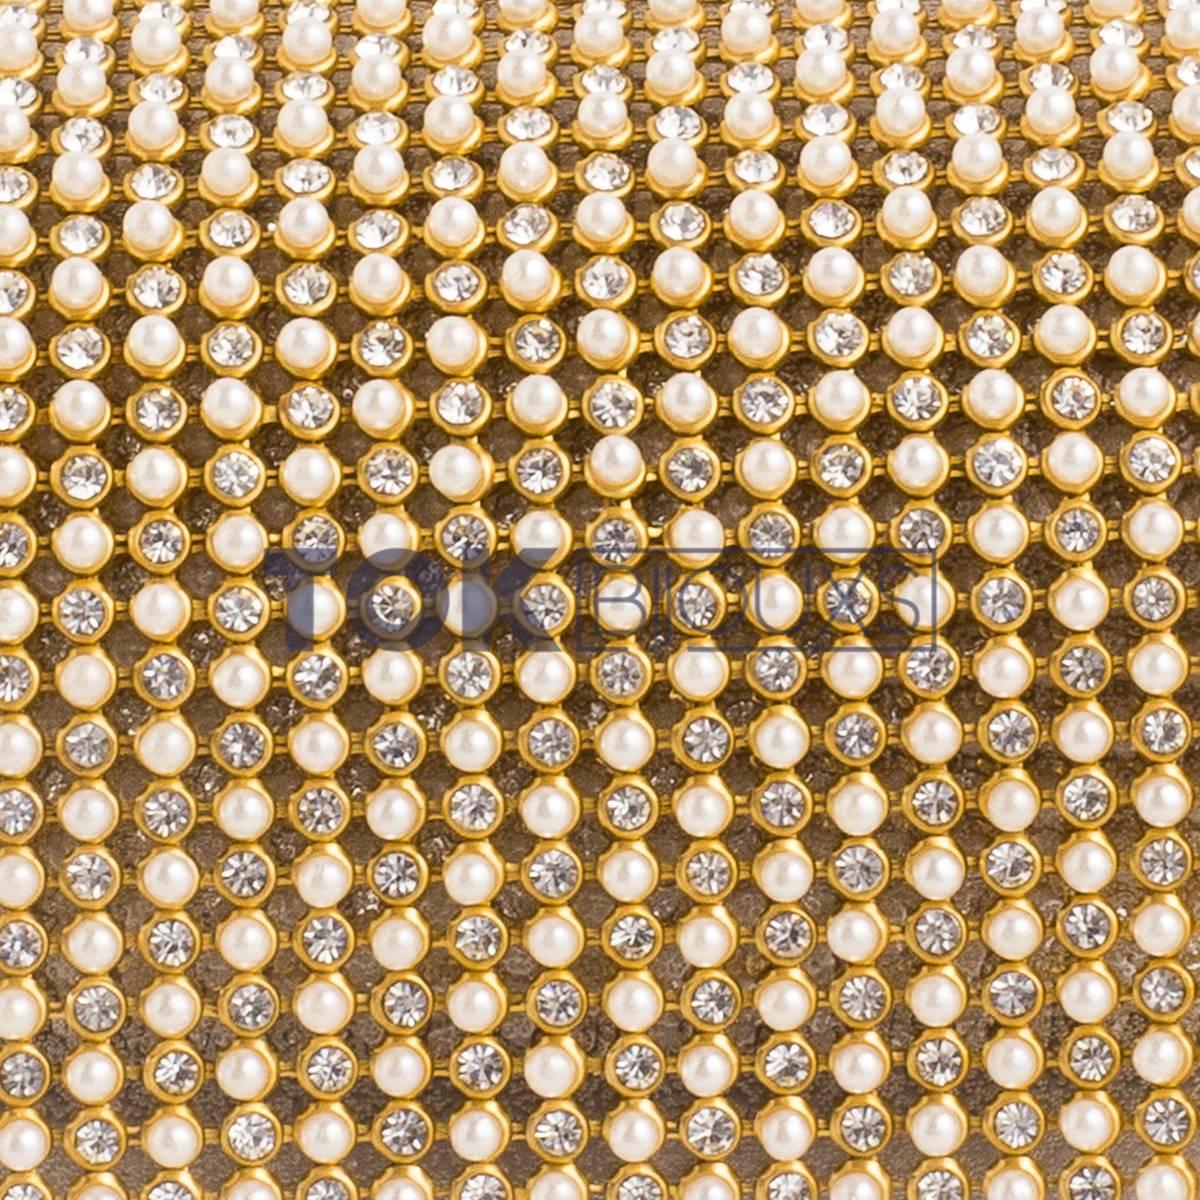 Manta Strass SS10 - Perola C/ Strass Dourado - 60cm X 45cm